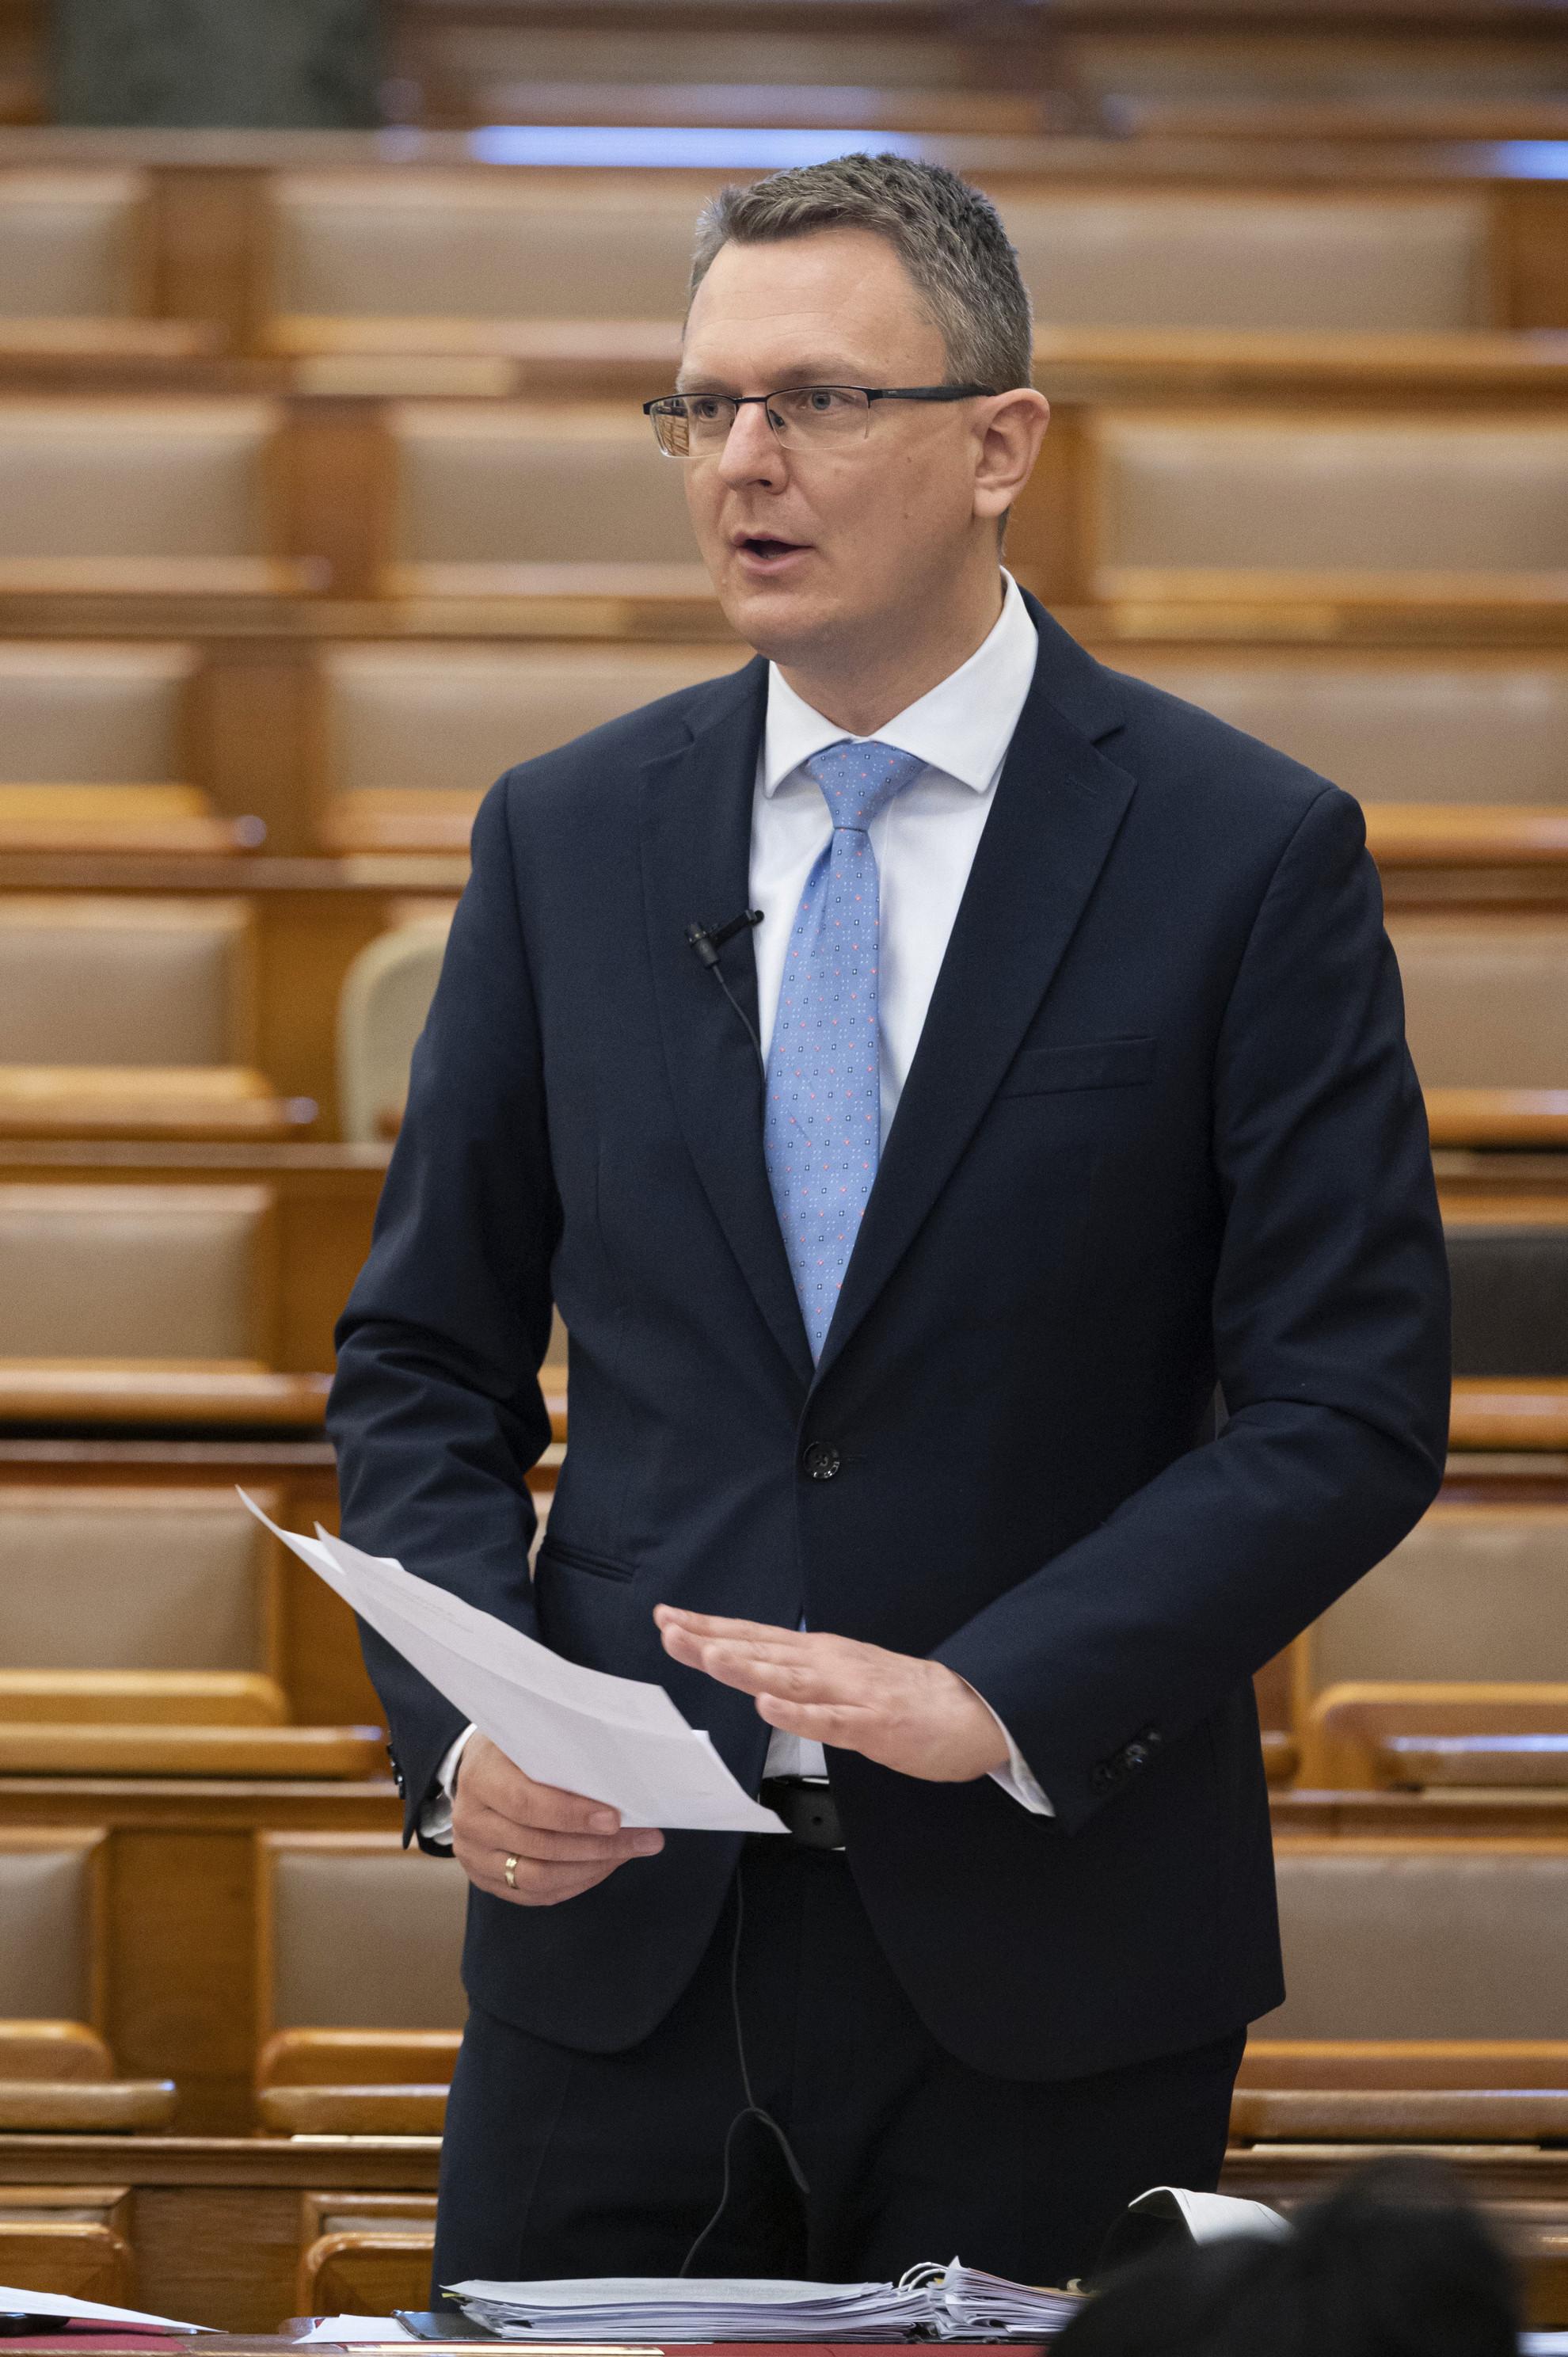 Rétvári Bence, az Emberi Erőforrások Minisztériumának parlamenti államtitkára napirend előtti felszólalásra válaszol az Országgyűlés plenáris ülésén